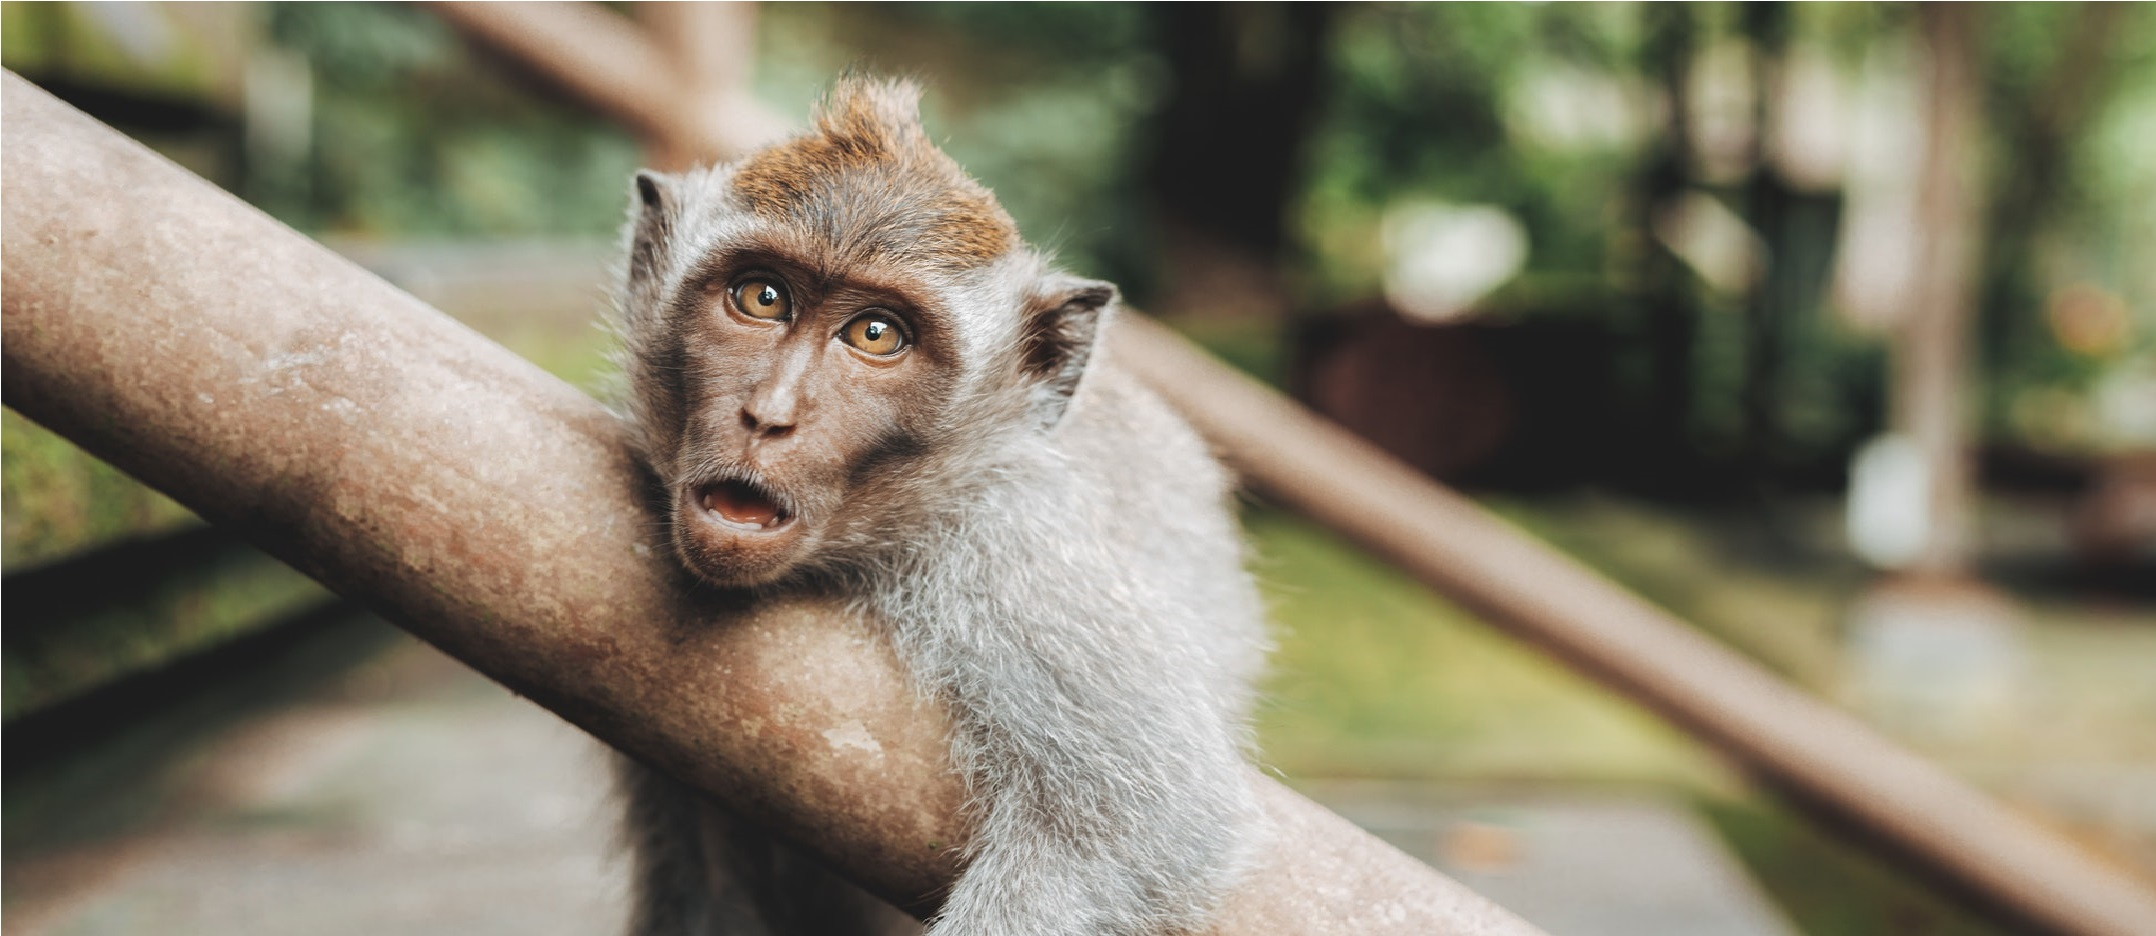 Los animales tienen puntos en común con los seres humanos.